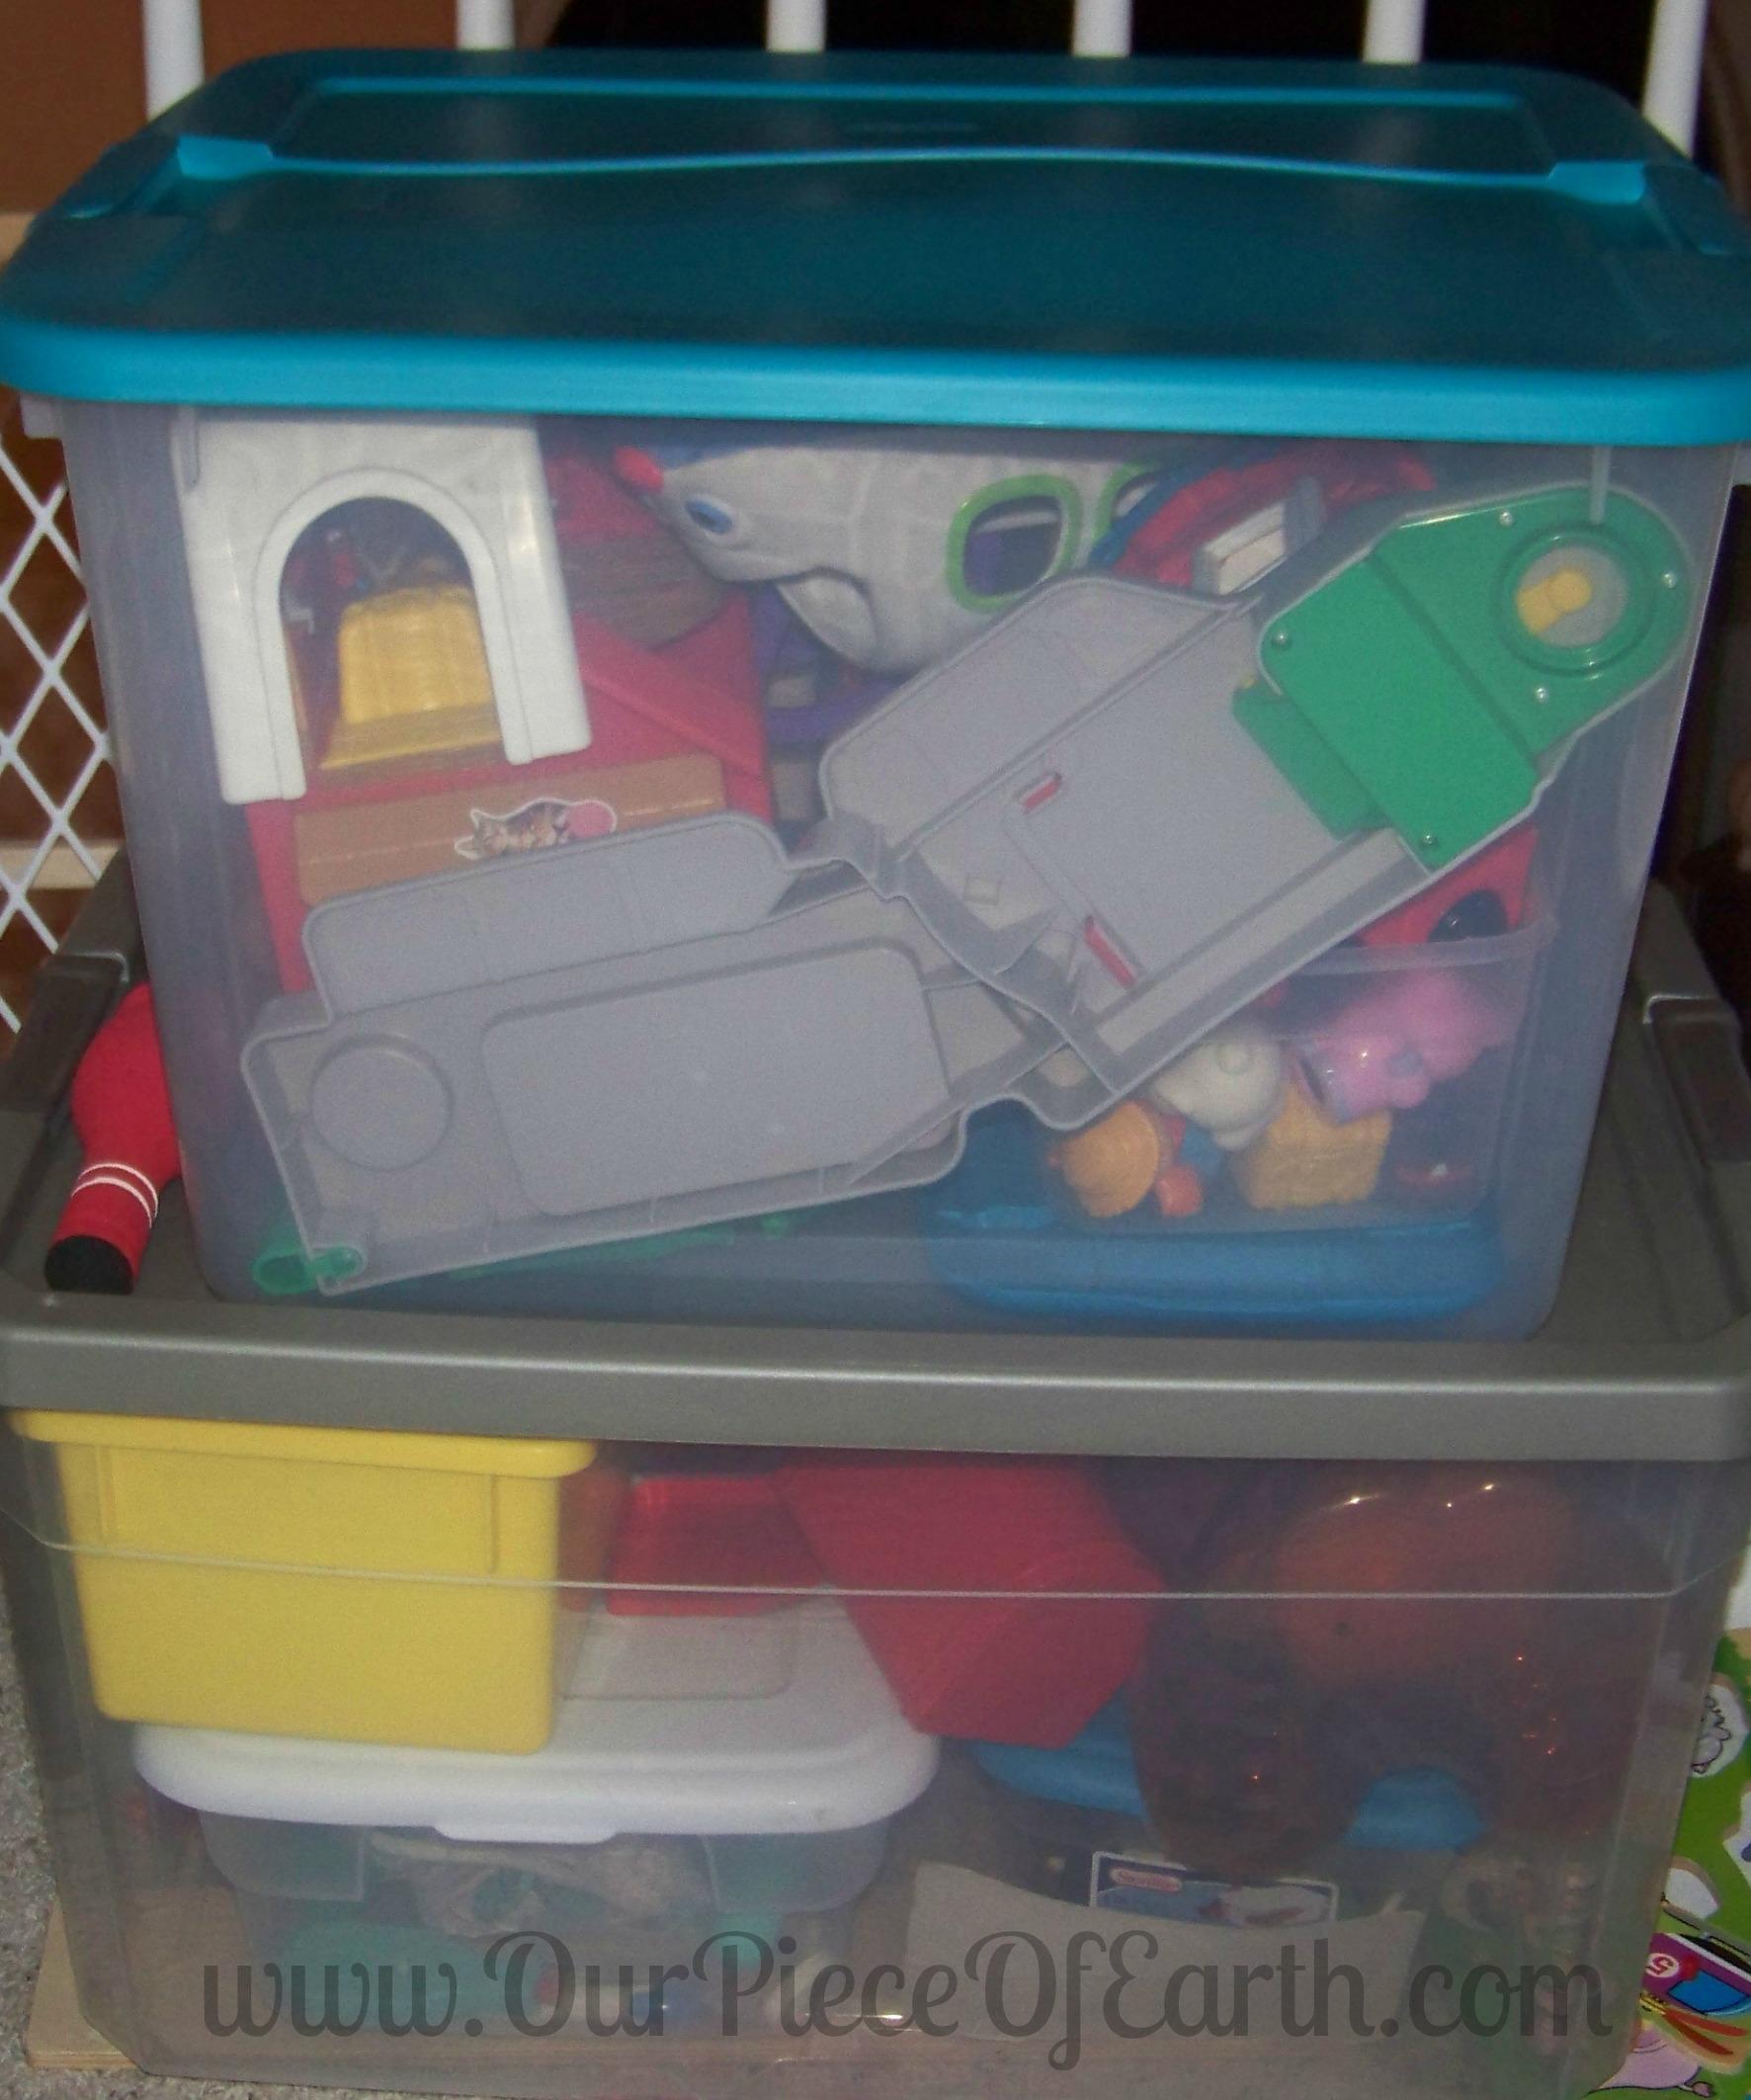 DeClutter Toy Room